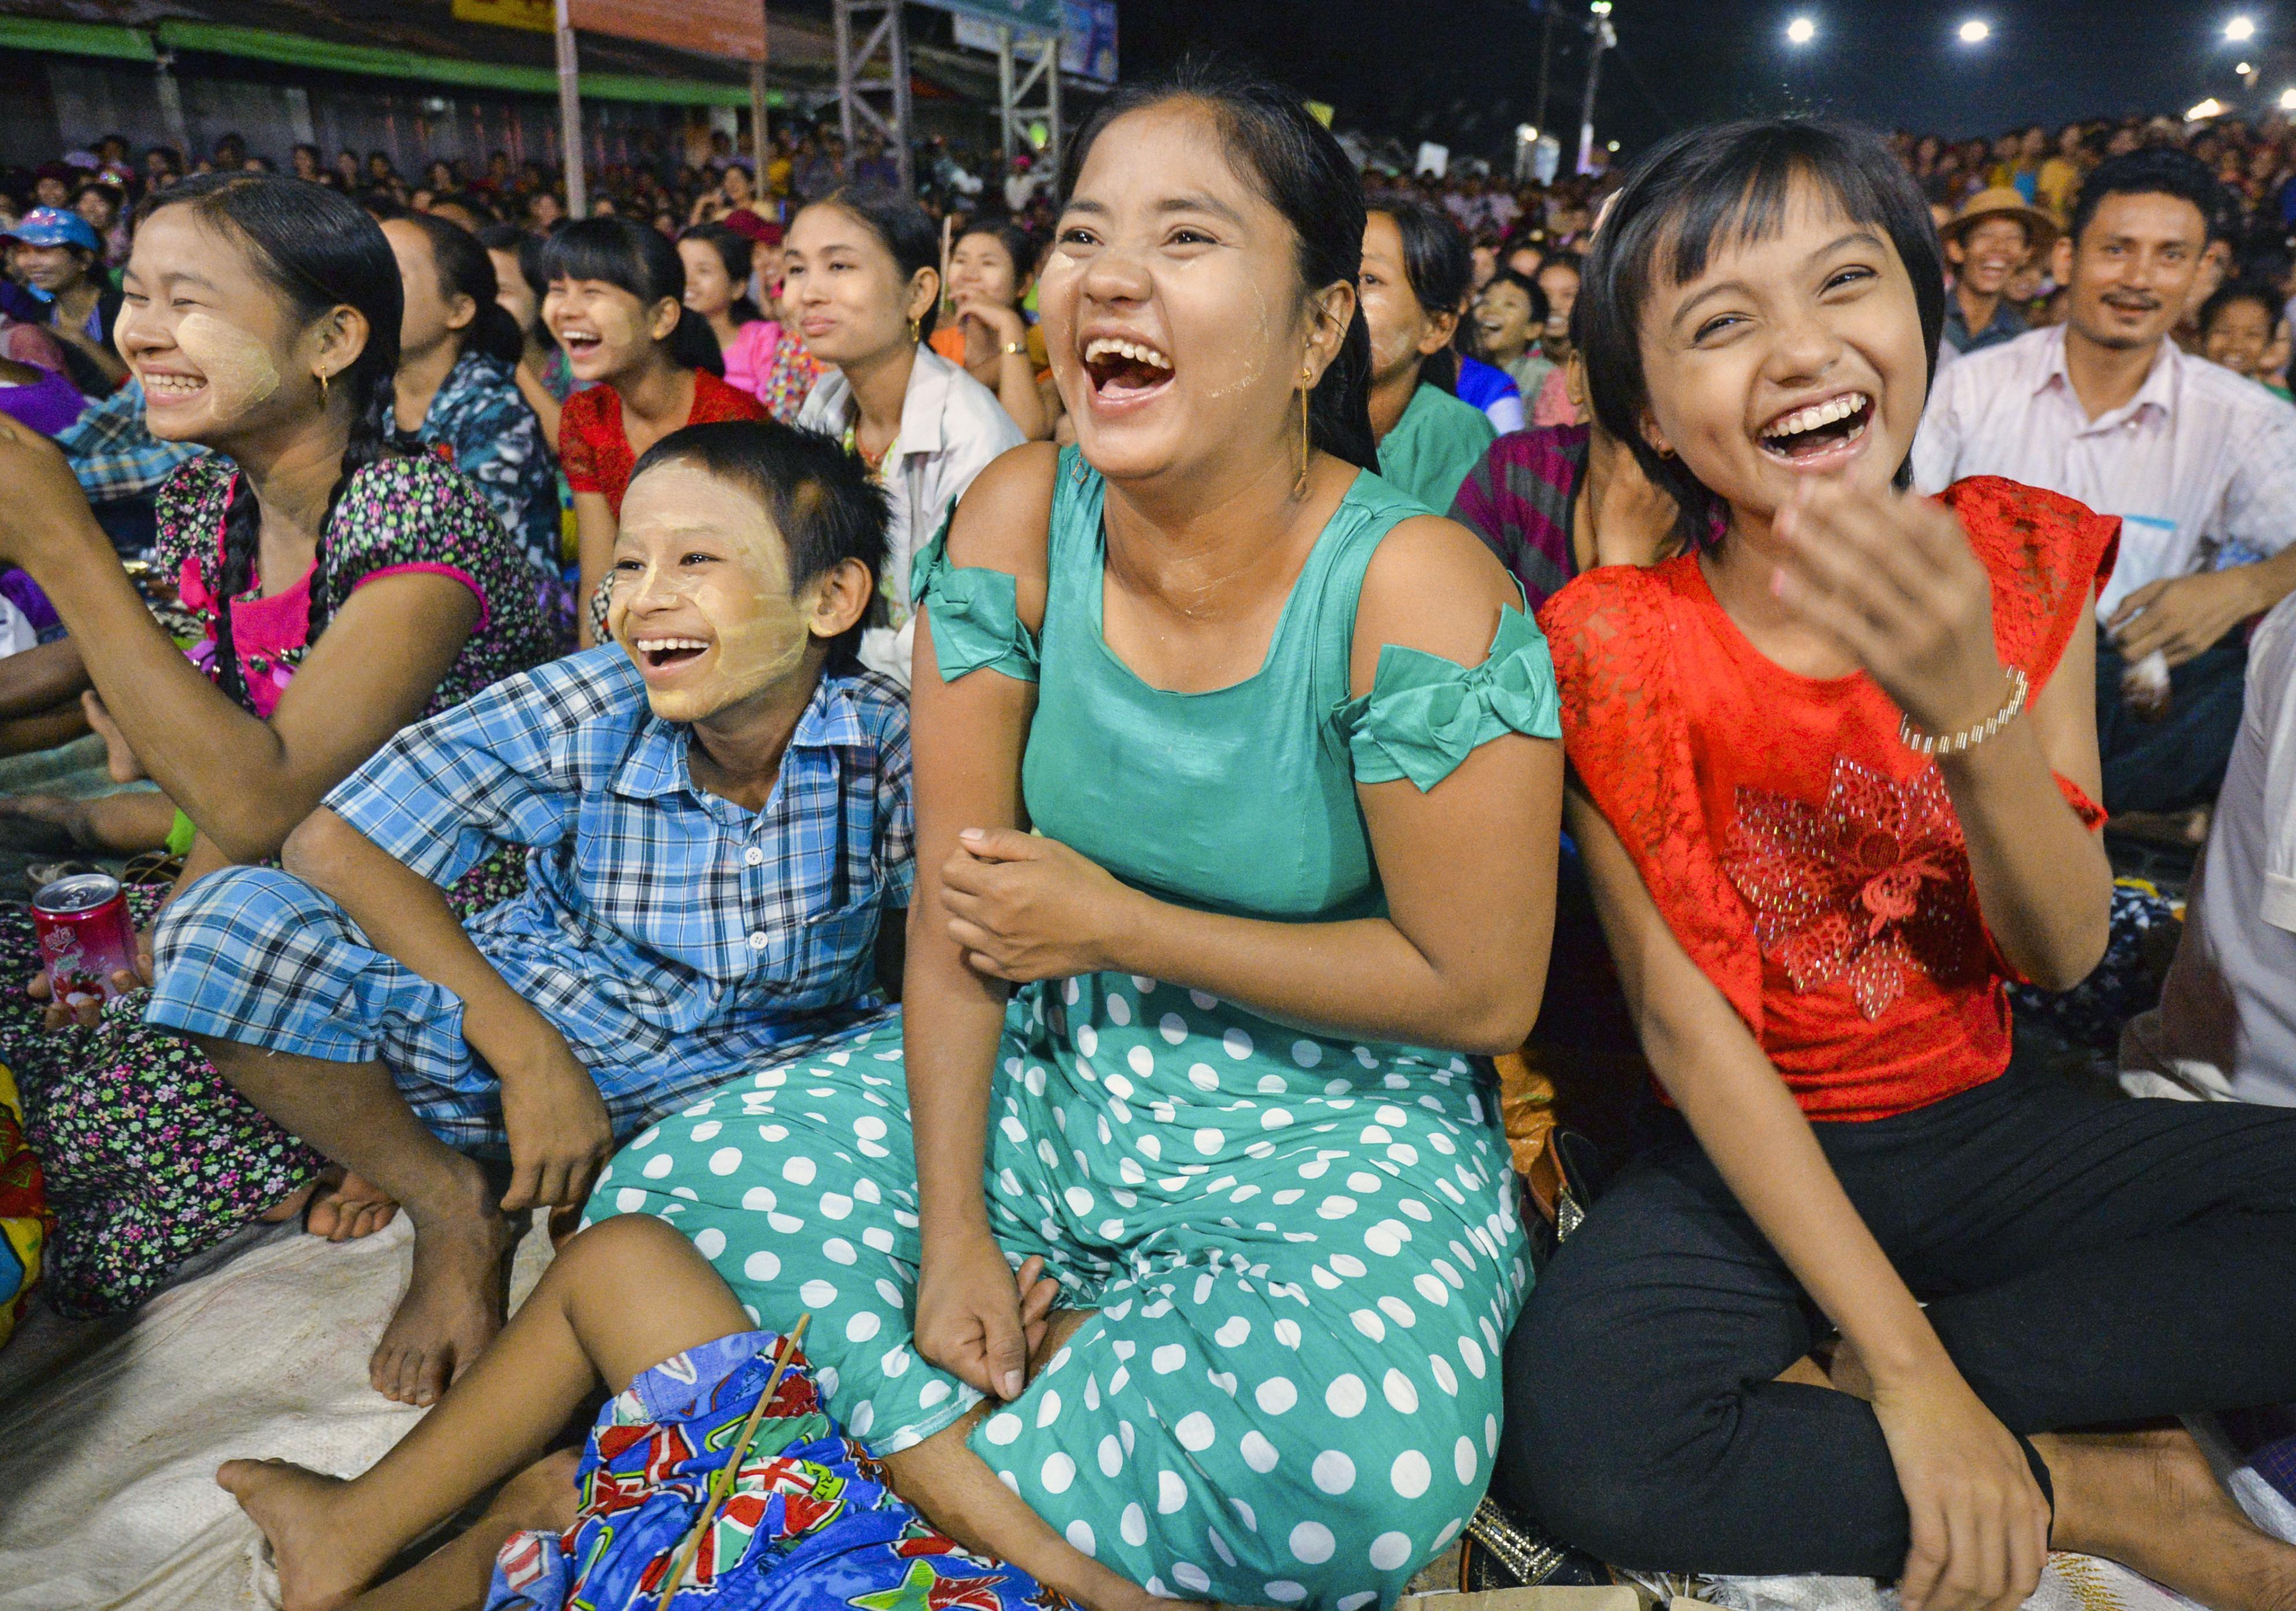 ミッターたちの演じるコントに大喜びの観客。普段は静かな田舎町に深夜まで笑い声が響いた=ミャンマー・ダイウー(撮影・村山幸親、共同)